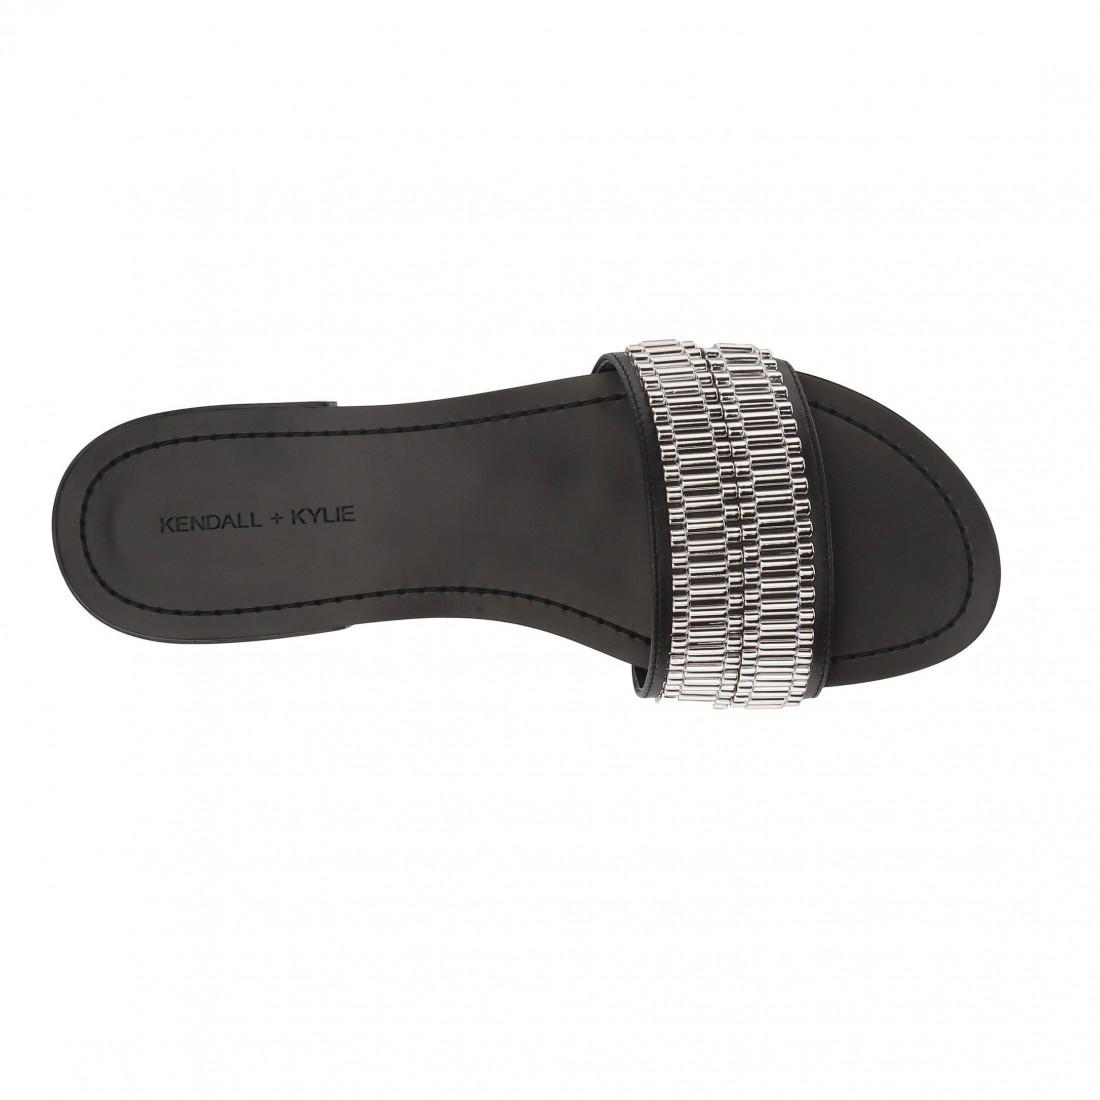 sandals woman kendall kylie kennedyblk 3047